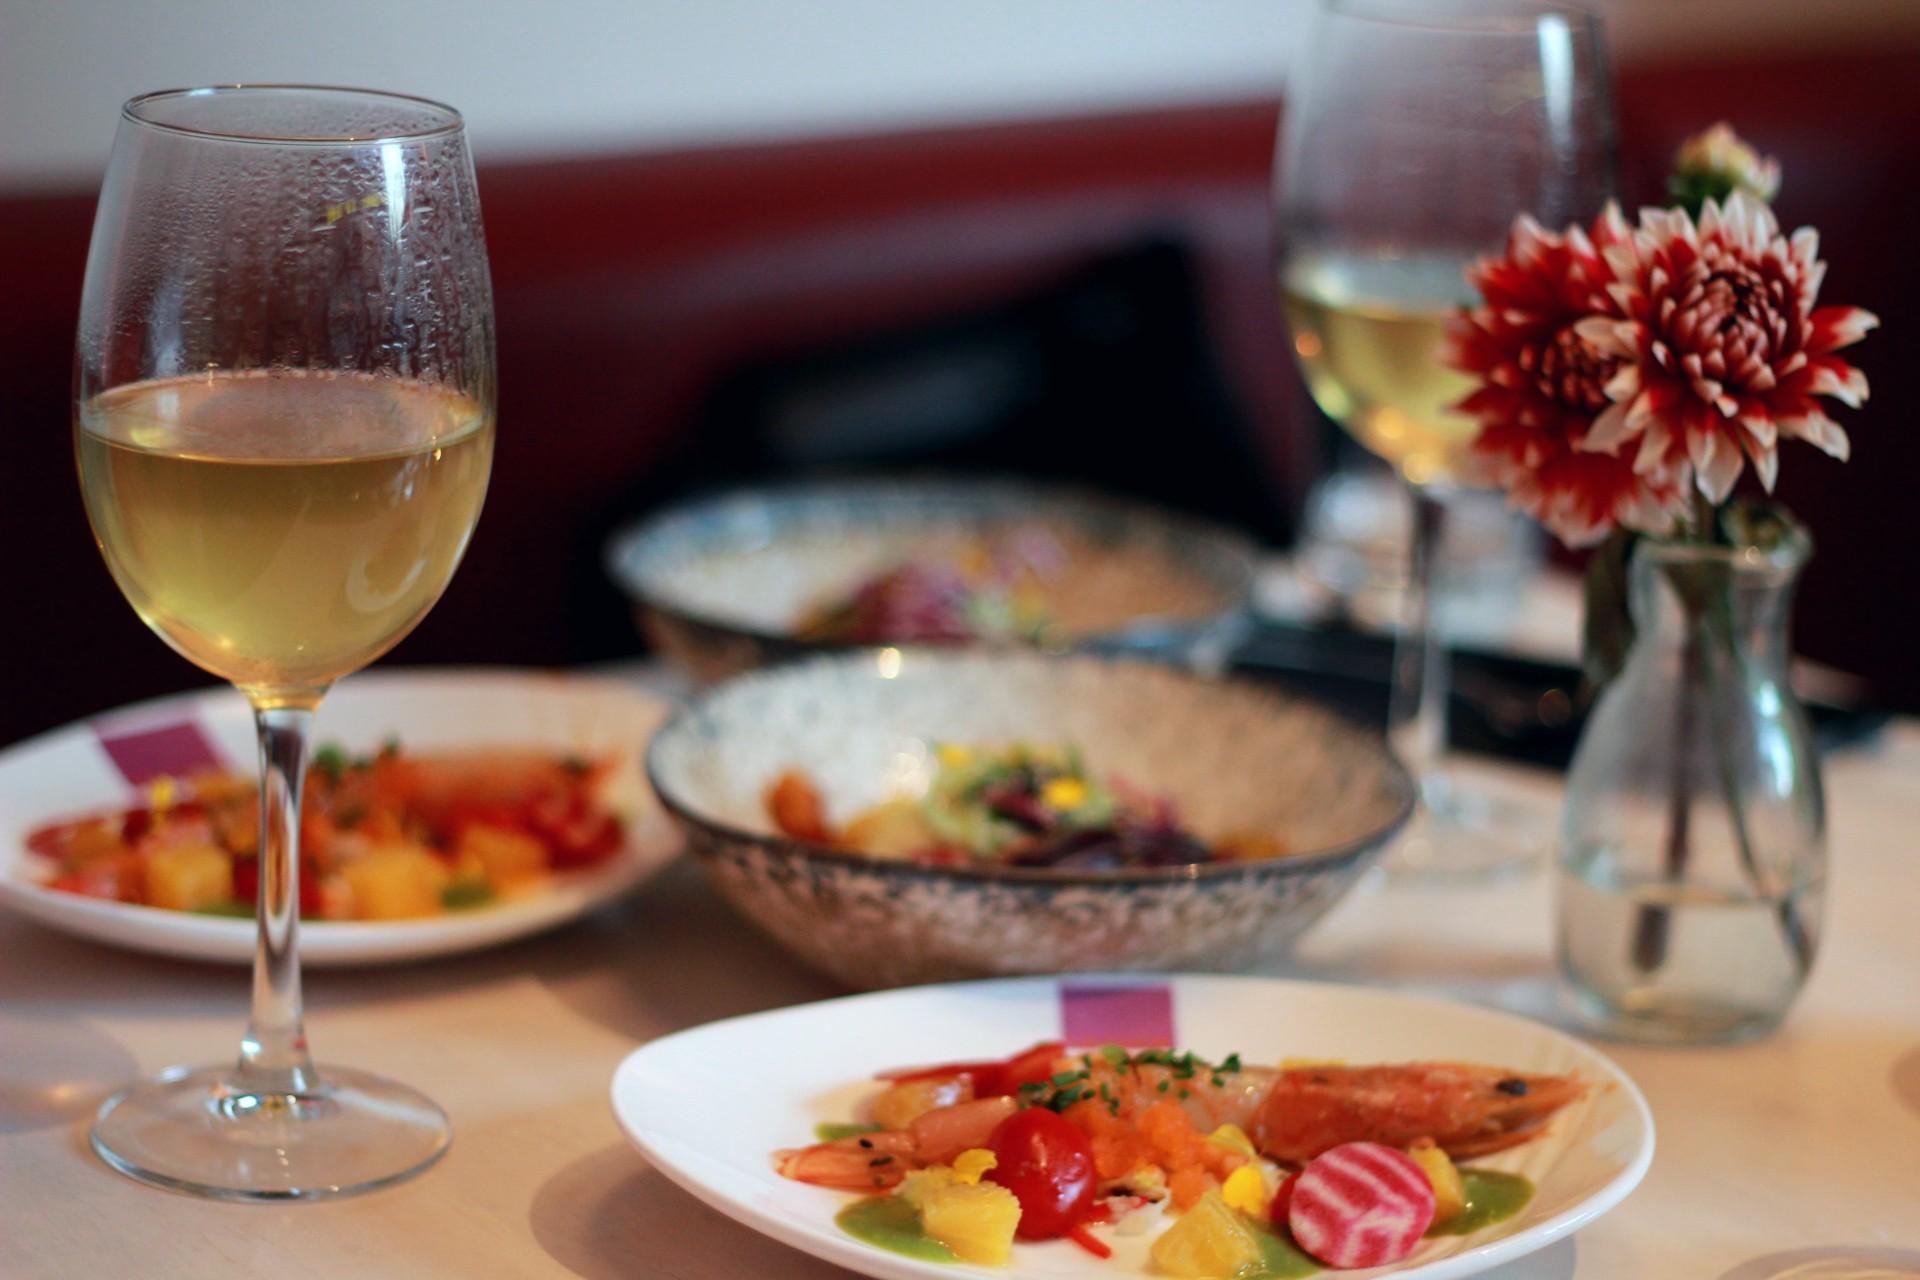 UMAMI, ook wel de naam van de vijfde basissmaak naast zoet, zuur, zout en bitter, betekent in het Japans 'heerlijke smaak'. De gerechten zijn daarom altijd een verrassing en goed op elkaar afgestemd. Volgens hun social dining principe, kan je hier het eten lekker delen en gaat het echt om de beleving, volledig volgens de Chinese cultuur.